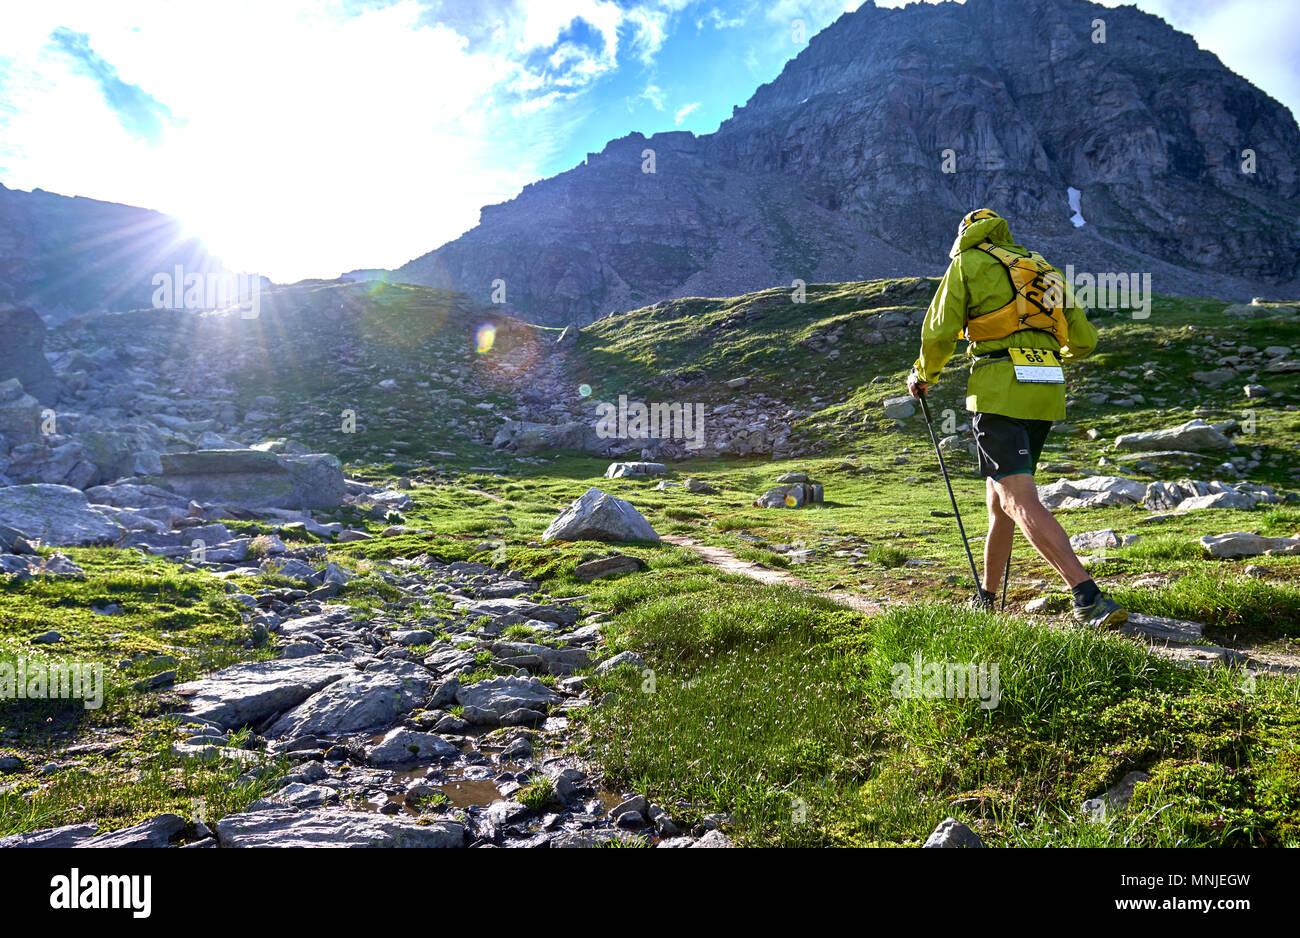 Vista posteriore del trail runner a camminare su ripido sentiero di montagna, Alpe Devero, Verbania, Italia Immagini Stock